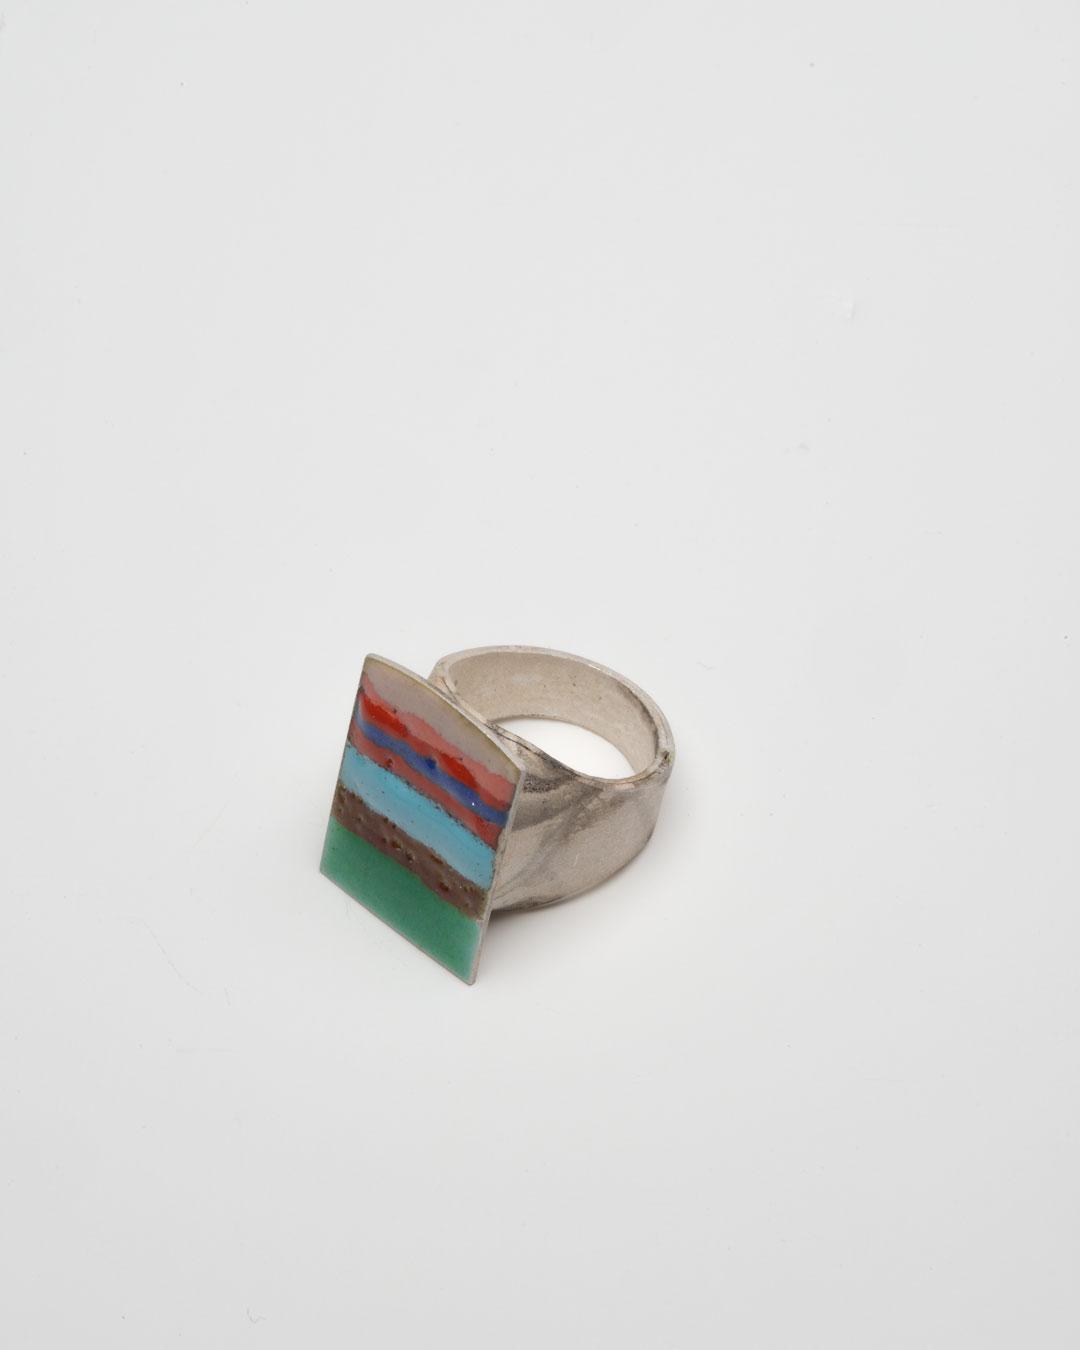 Aaron Decker, Striped Badge, 2018, ring; enamel, copper, silver, €1000